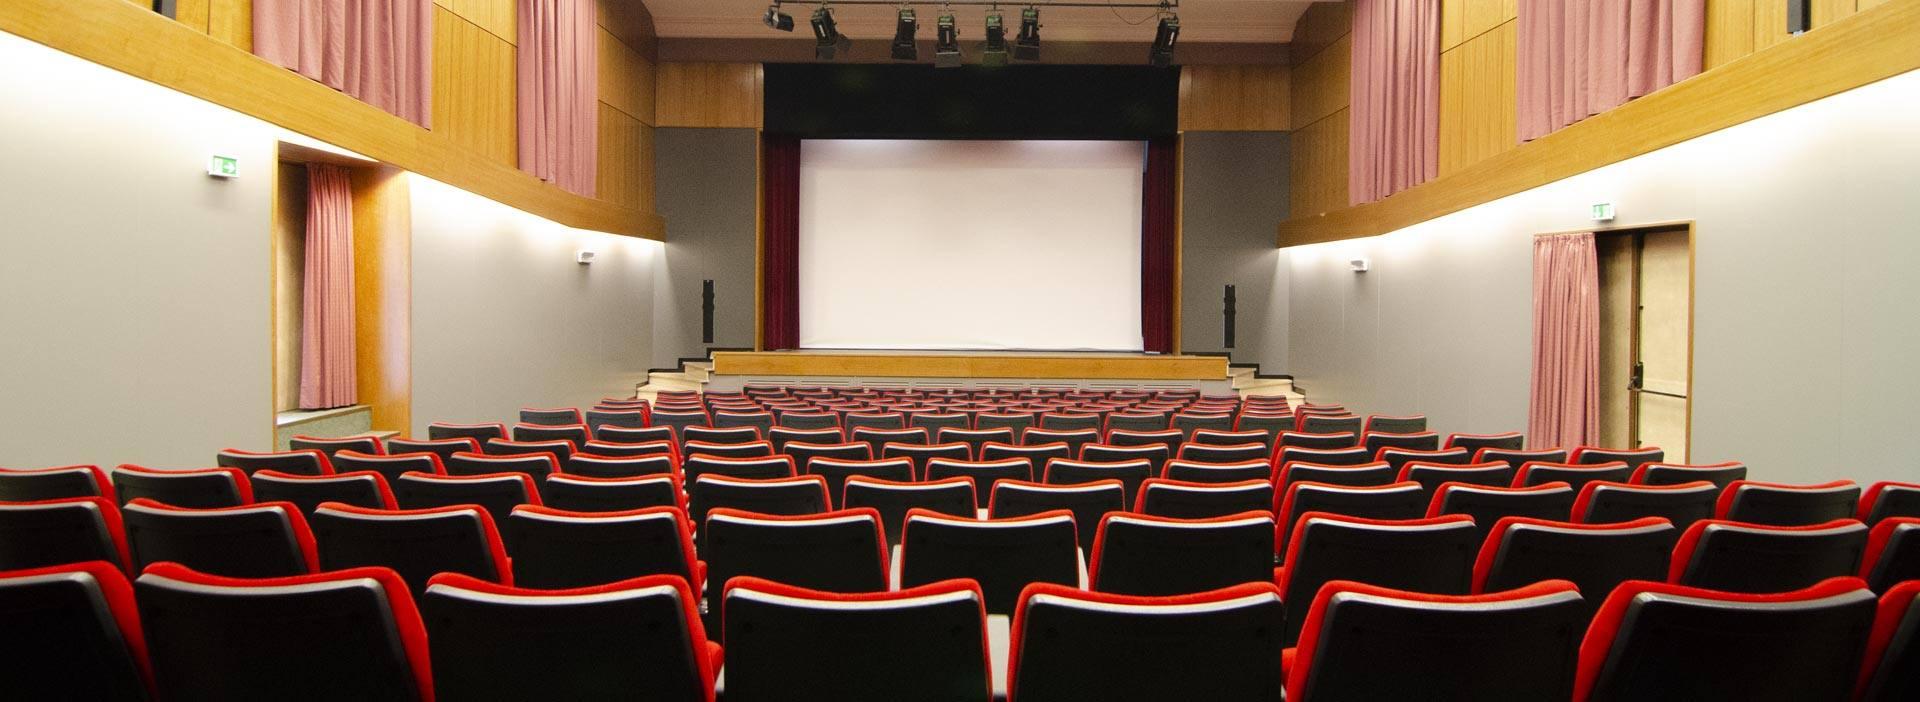 Filmclub – Kolpinghaus Brunico